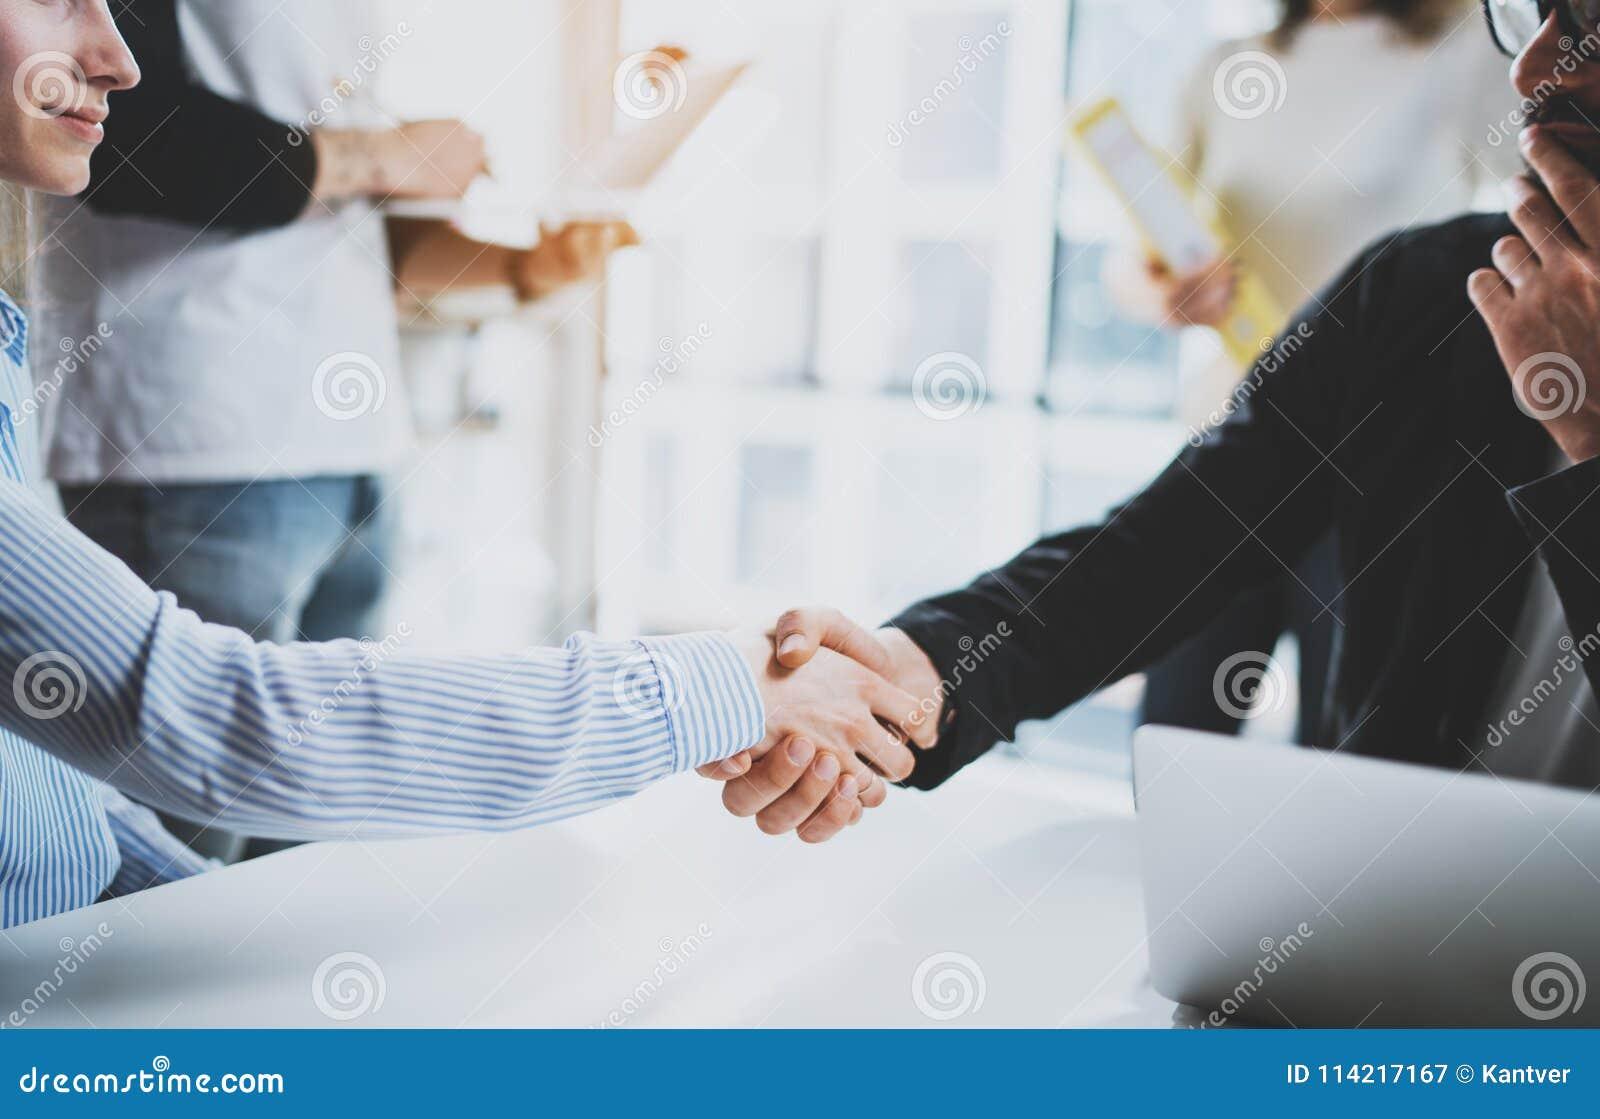 Έννοια δύο διαδικασία χειραψίας συναδέλφων Χειραψία επιχειρησιακής συνεργασίας Επιτυχής διαπραγμάτευση μετά από τη μεγάλη συνεδρί